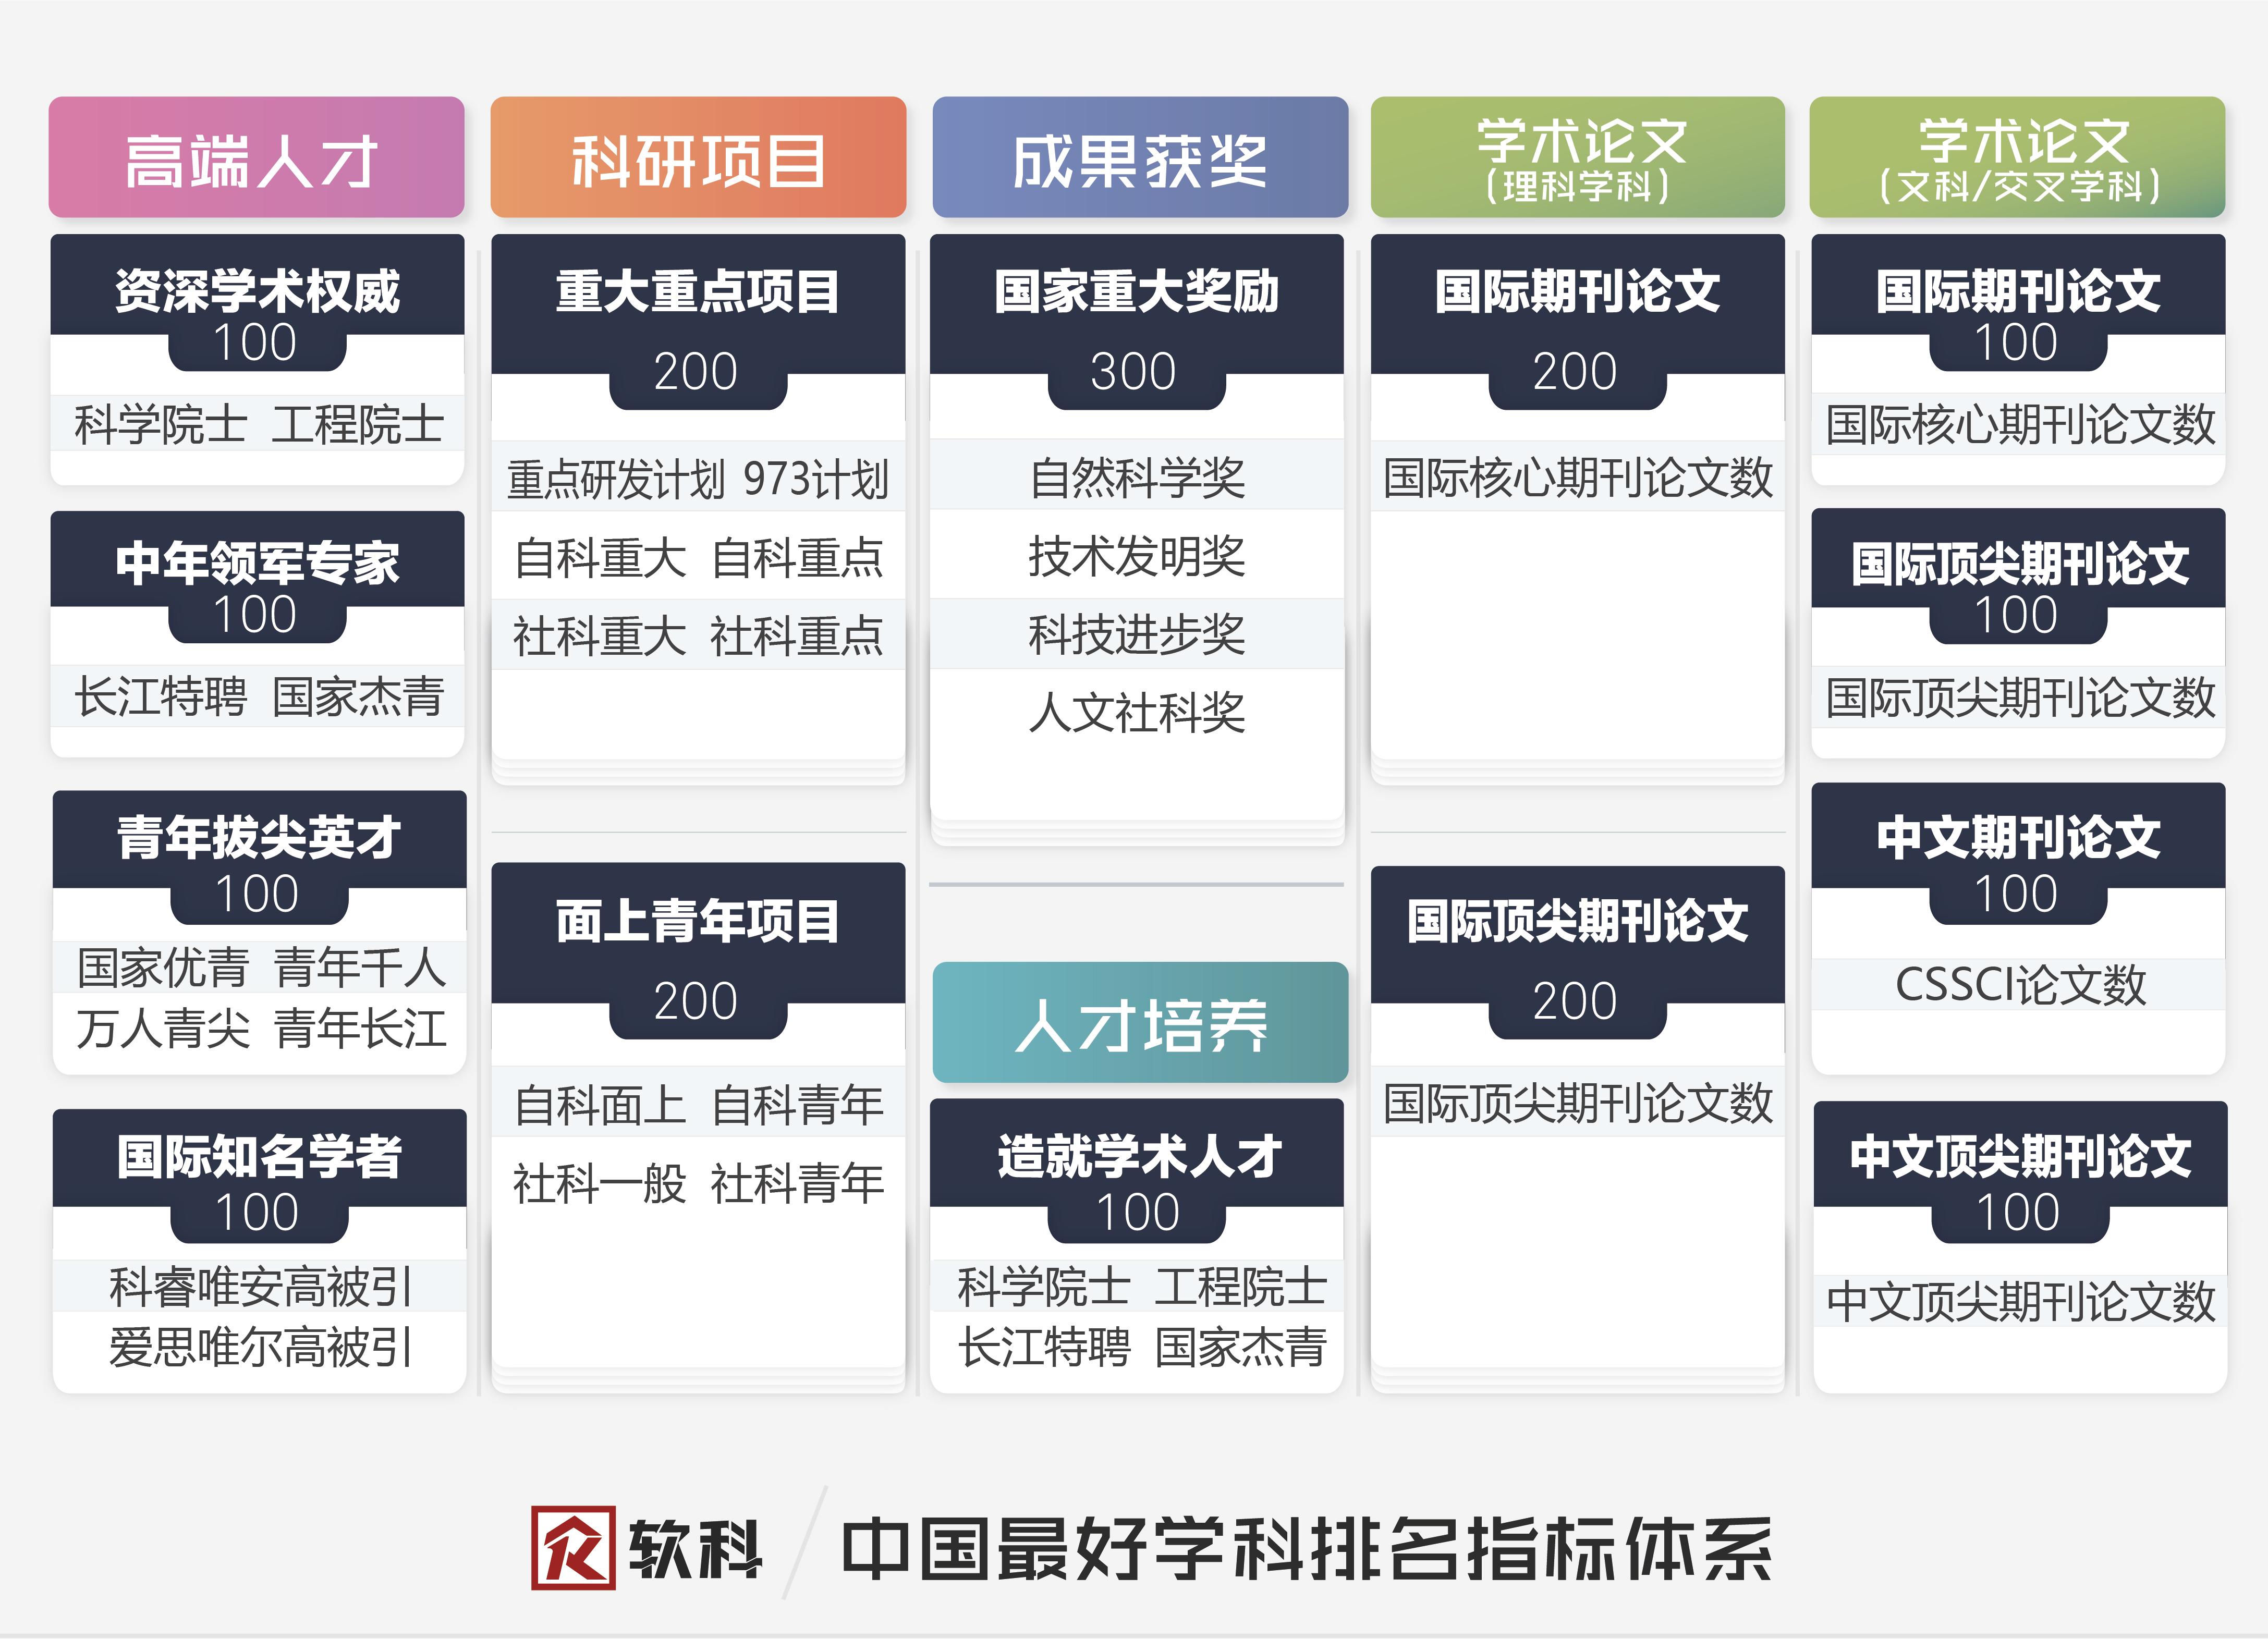 中国最好学科排名-学科竞争力指数指标体系